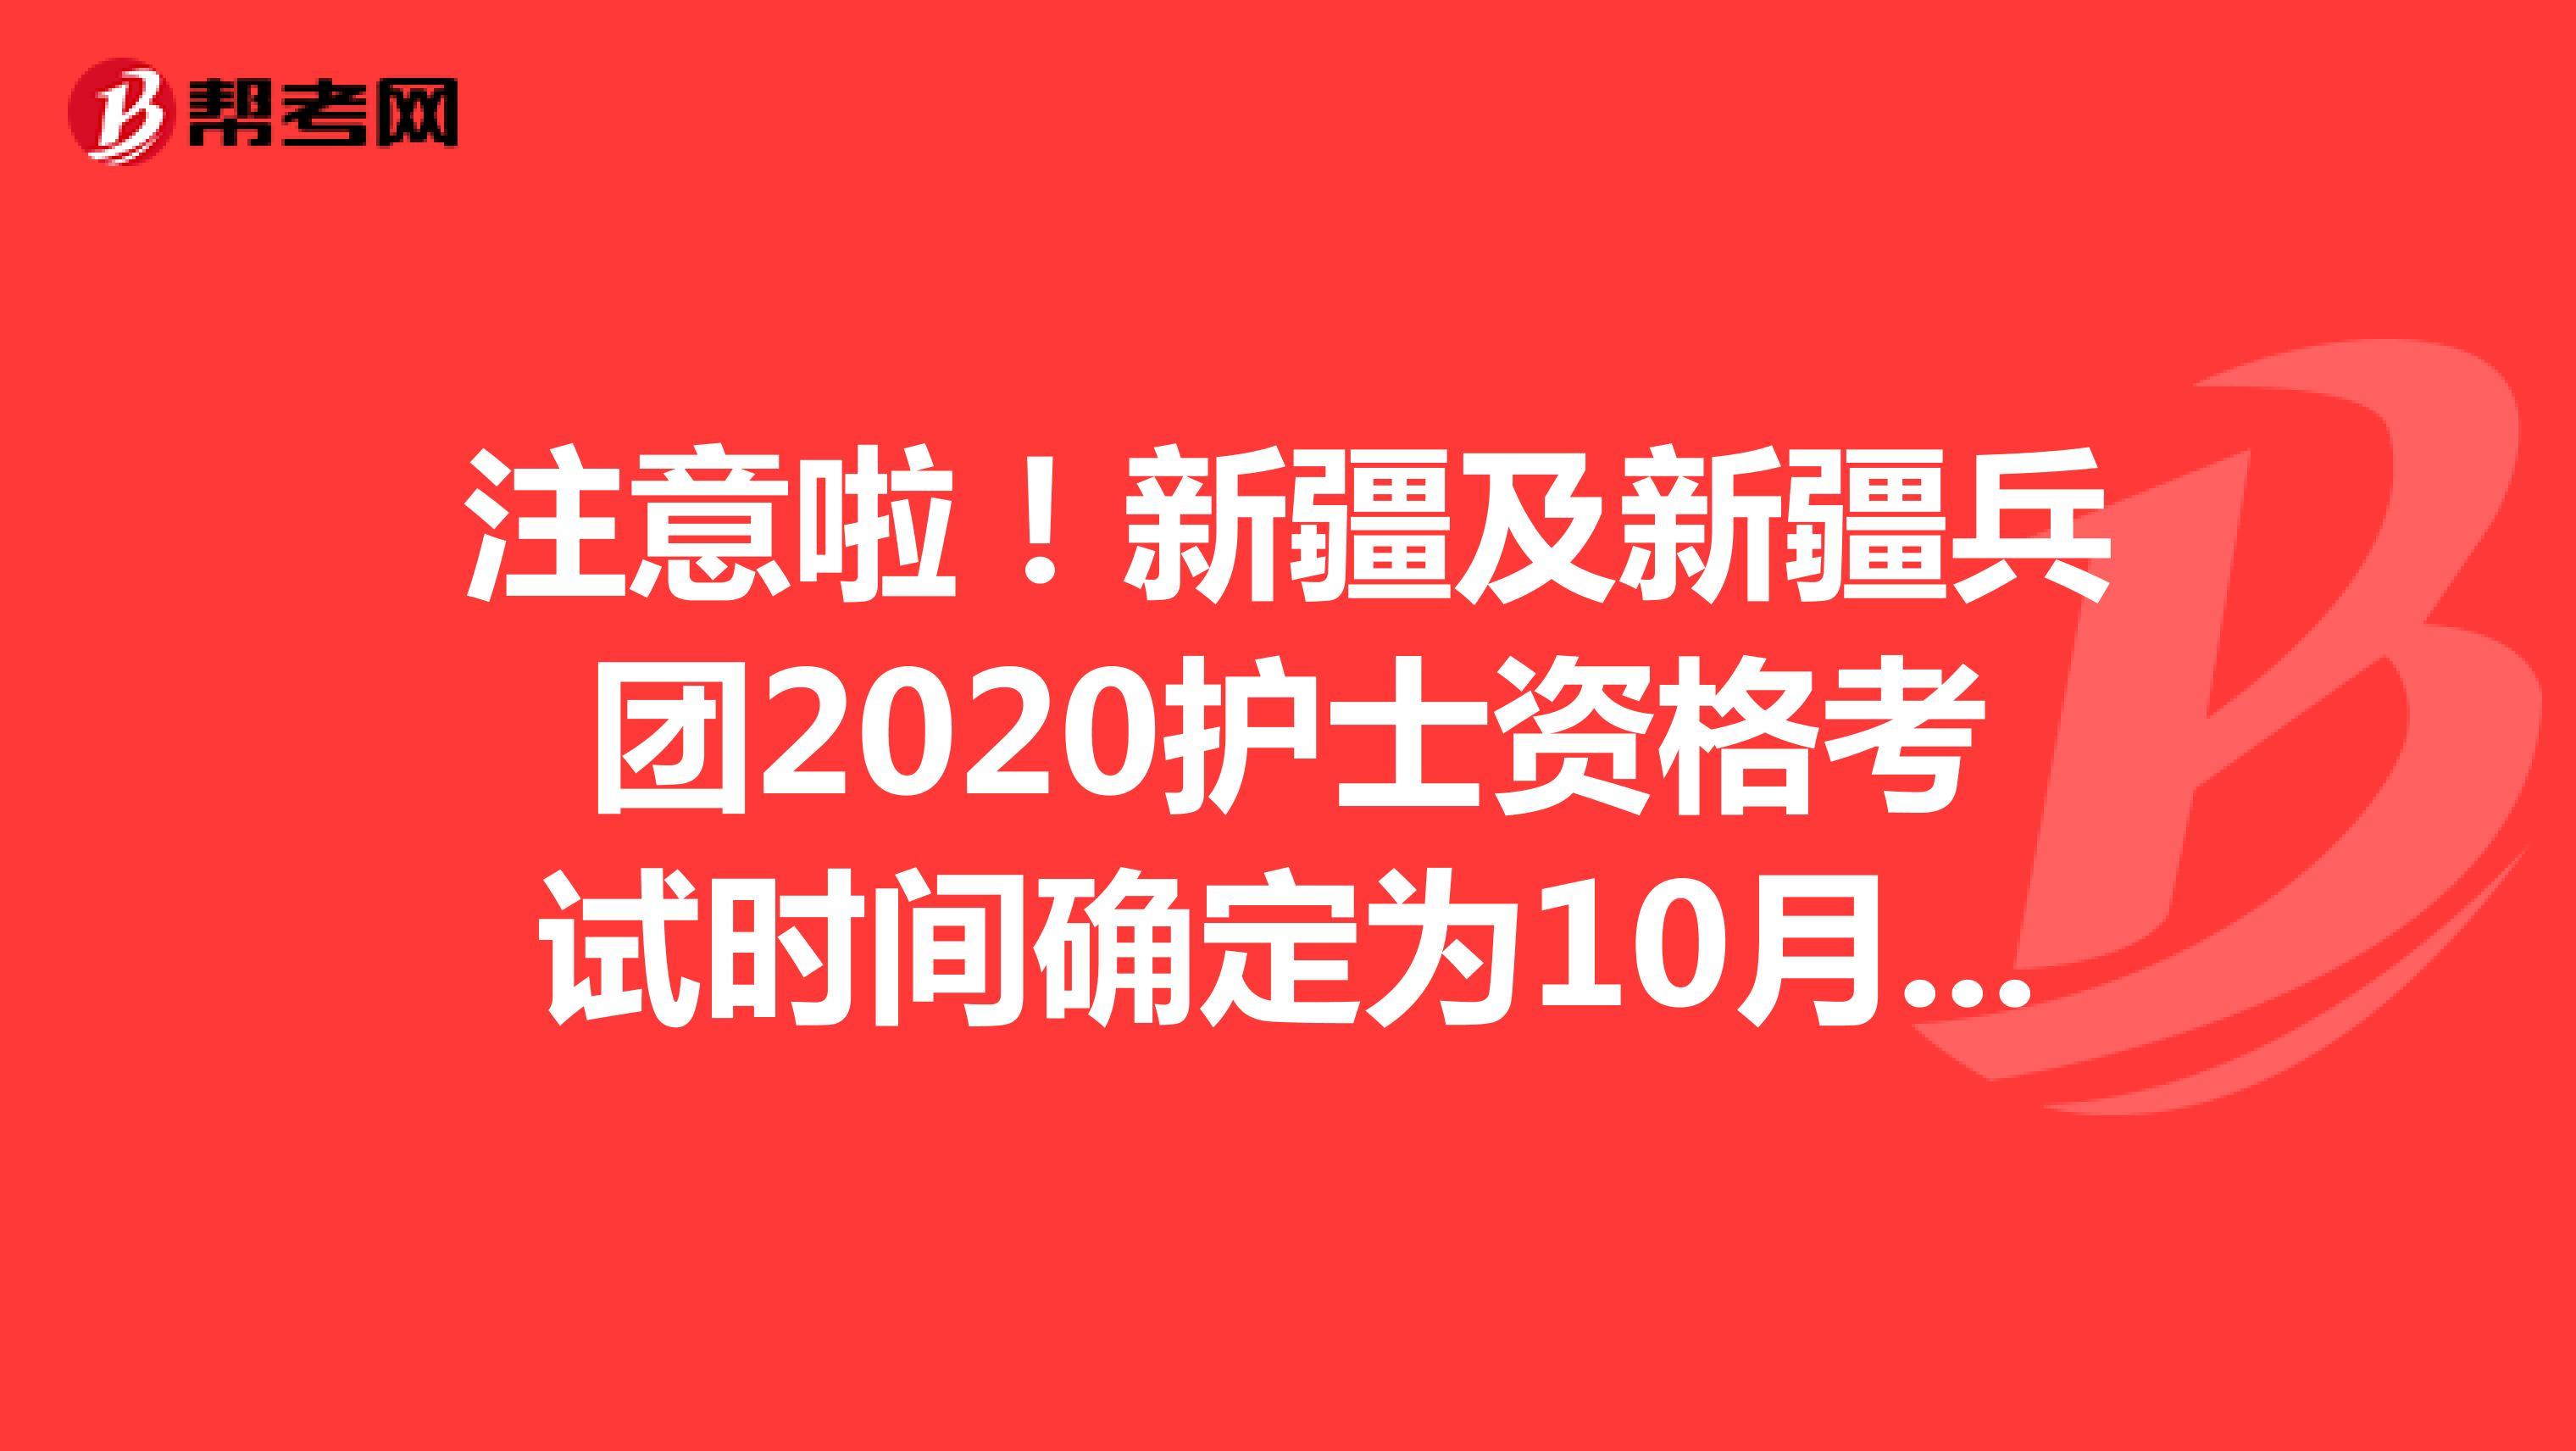 注意啦!新疆及新疆兵团2020护士资格考试时间确定为10月24日